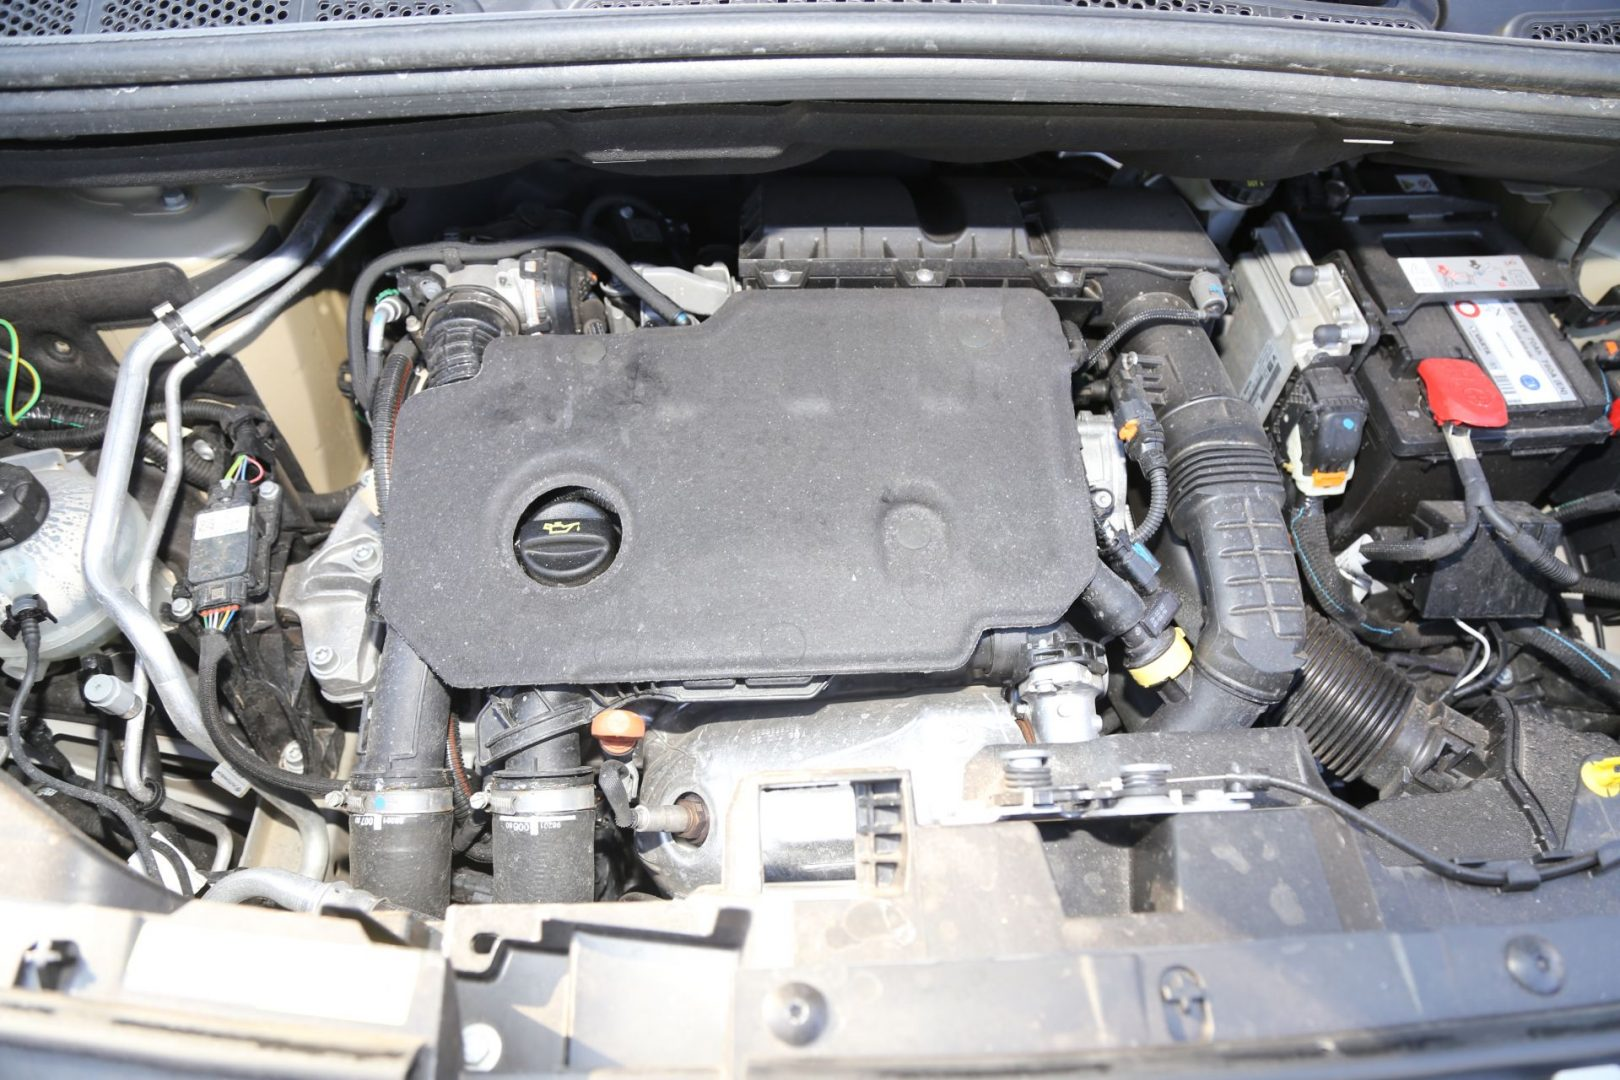 Motorizacija može biti turbo dizelska sa 102 ili 130 KS te kao trocilindrični 1,2 litreni turbobenzinac sa 110 ili 130 KS